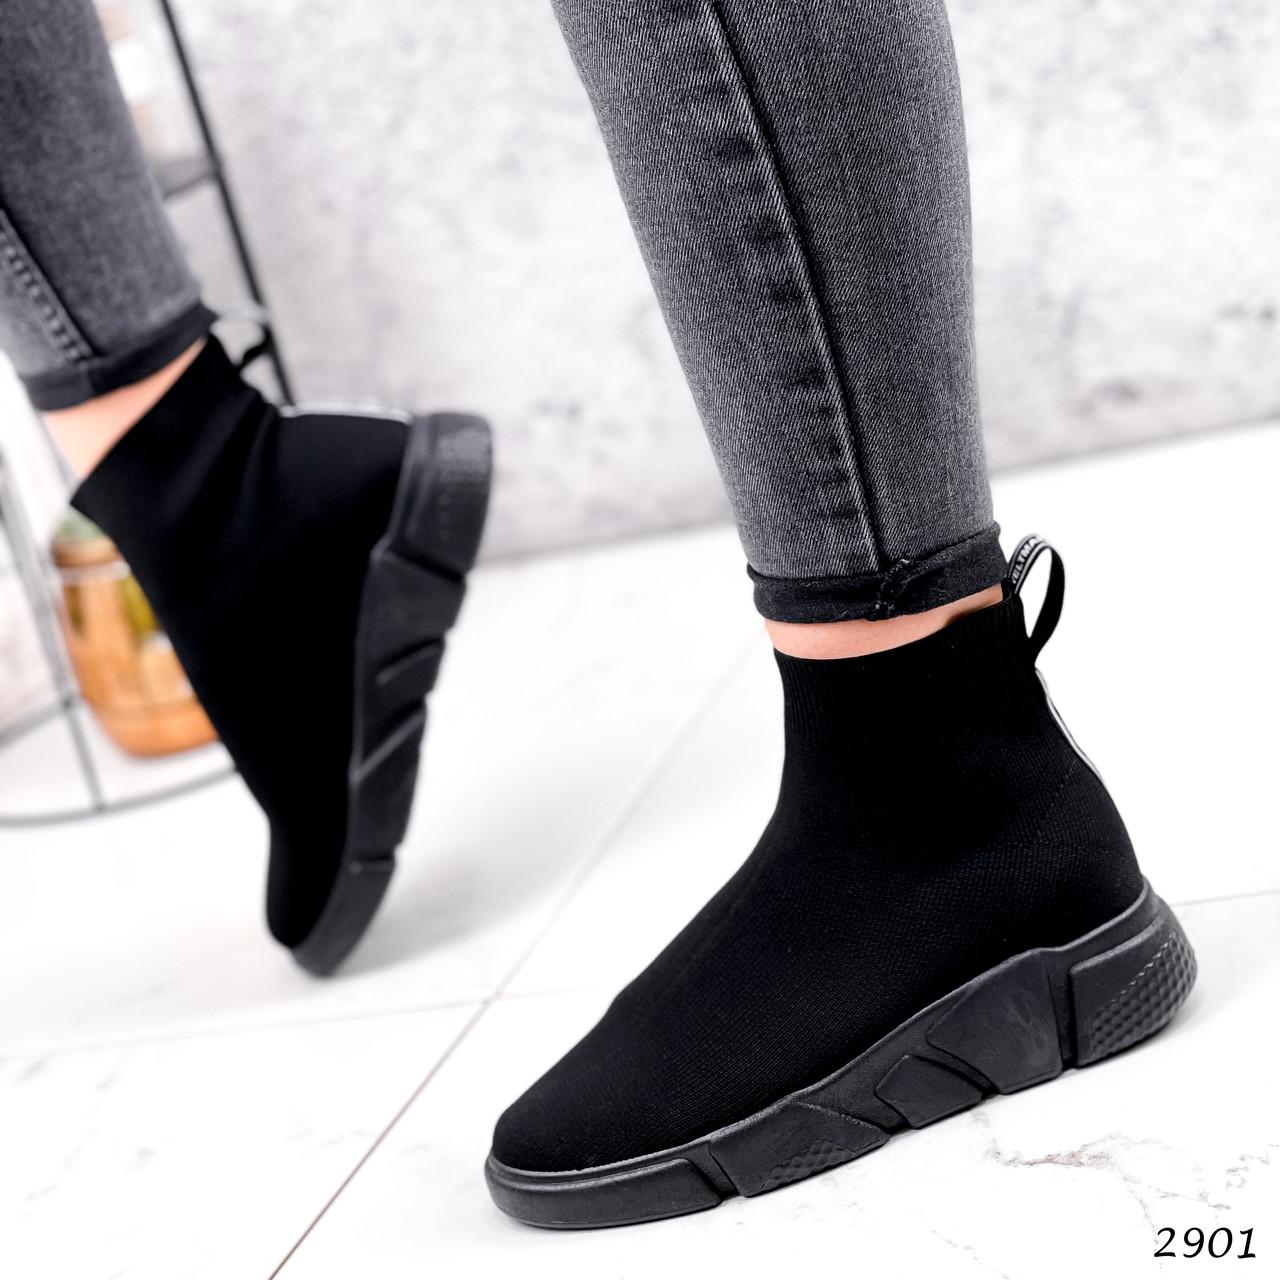 Кросівки жіночі Balens чорні на чорній підошві 2901